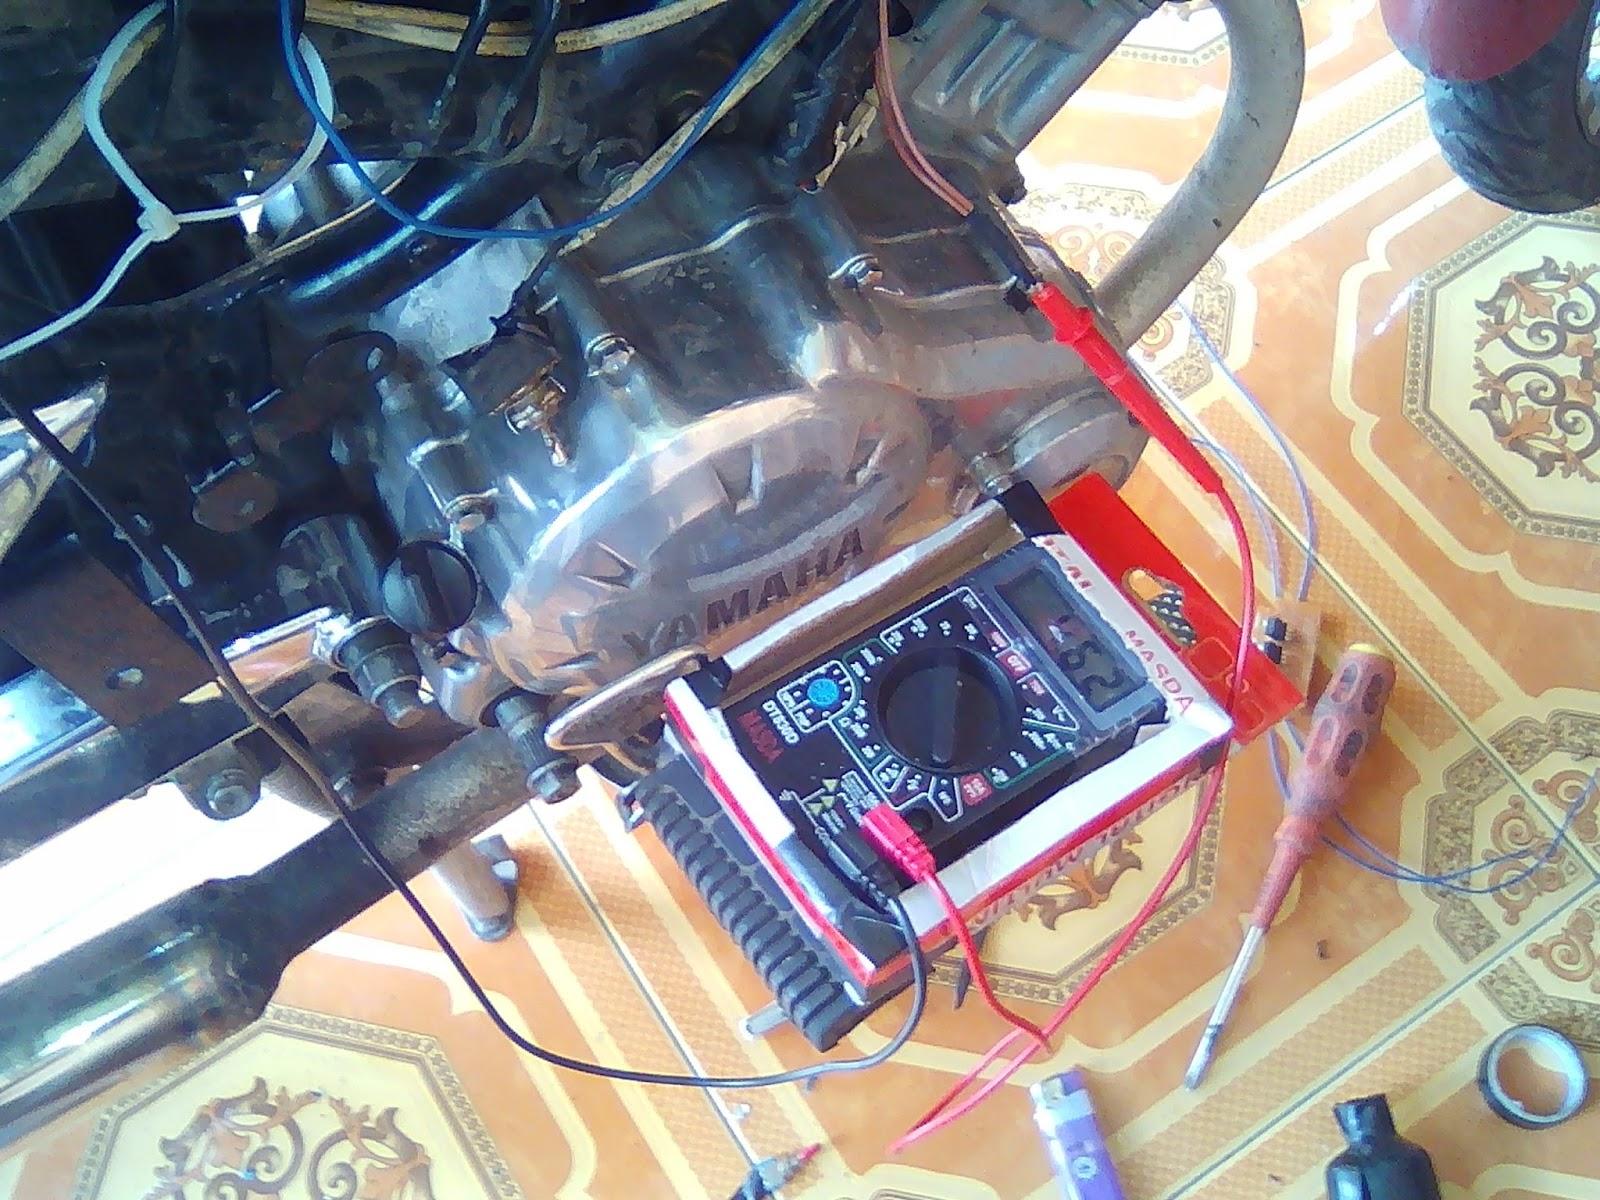 Solusi jupiter mx cara agar otomatis kipas radiator jupiter mx lha itu kan kabelnya nganggur gk kepake ente putus kabel kipas radiator warna biru lalu pasangkan di kabel kuning di sepul itu asfbconference2016 Choice Image